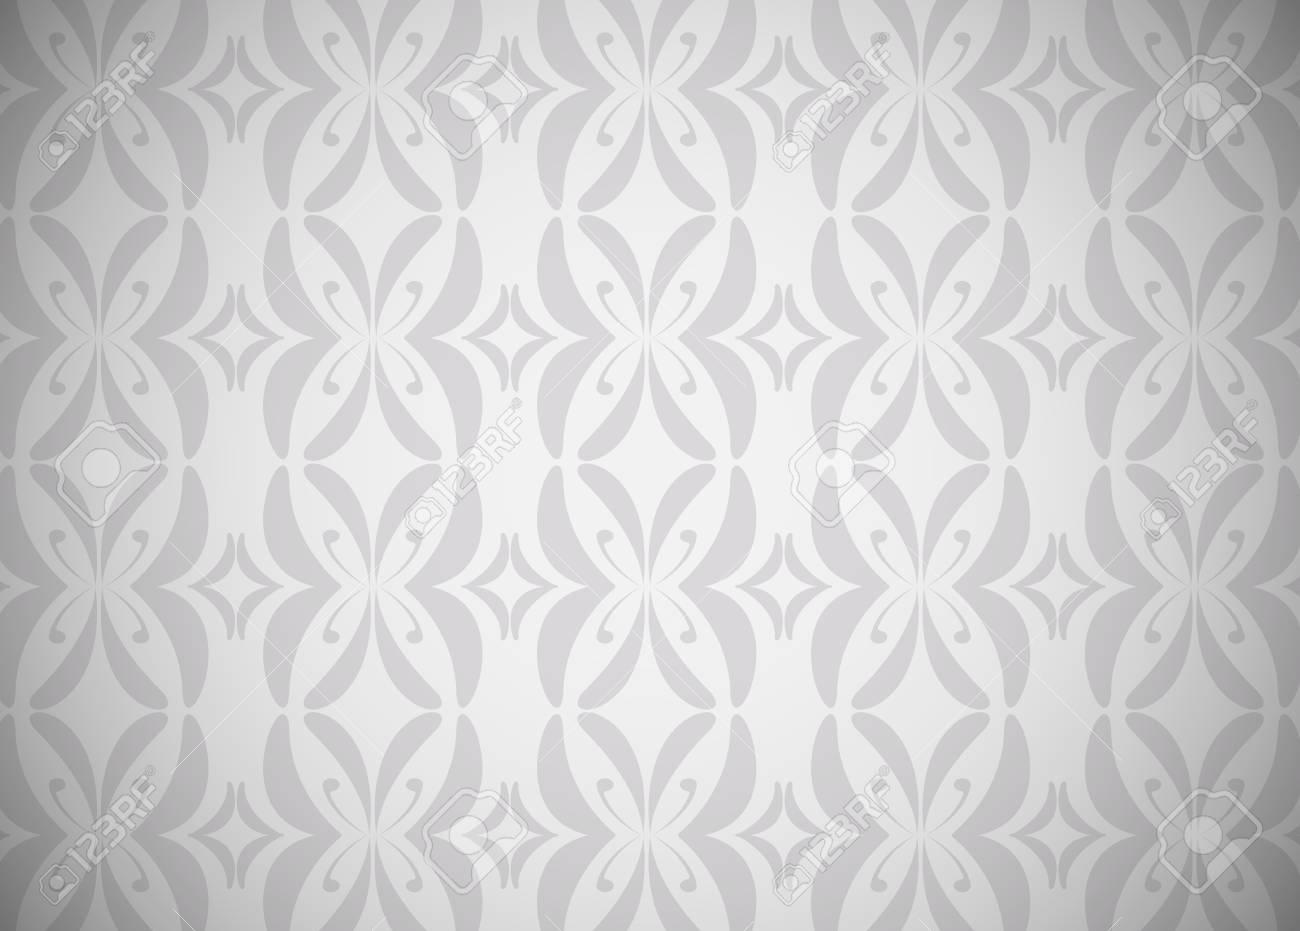 ファイナルファンタジーの壁紙のイラスト素材 ベクタ Image 10854150